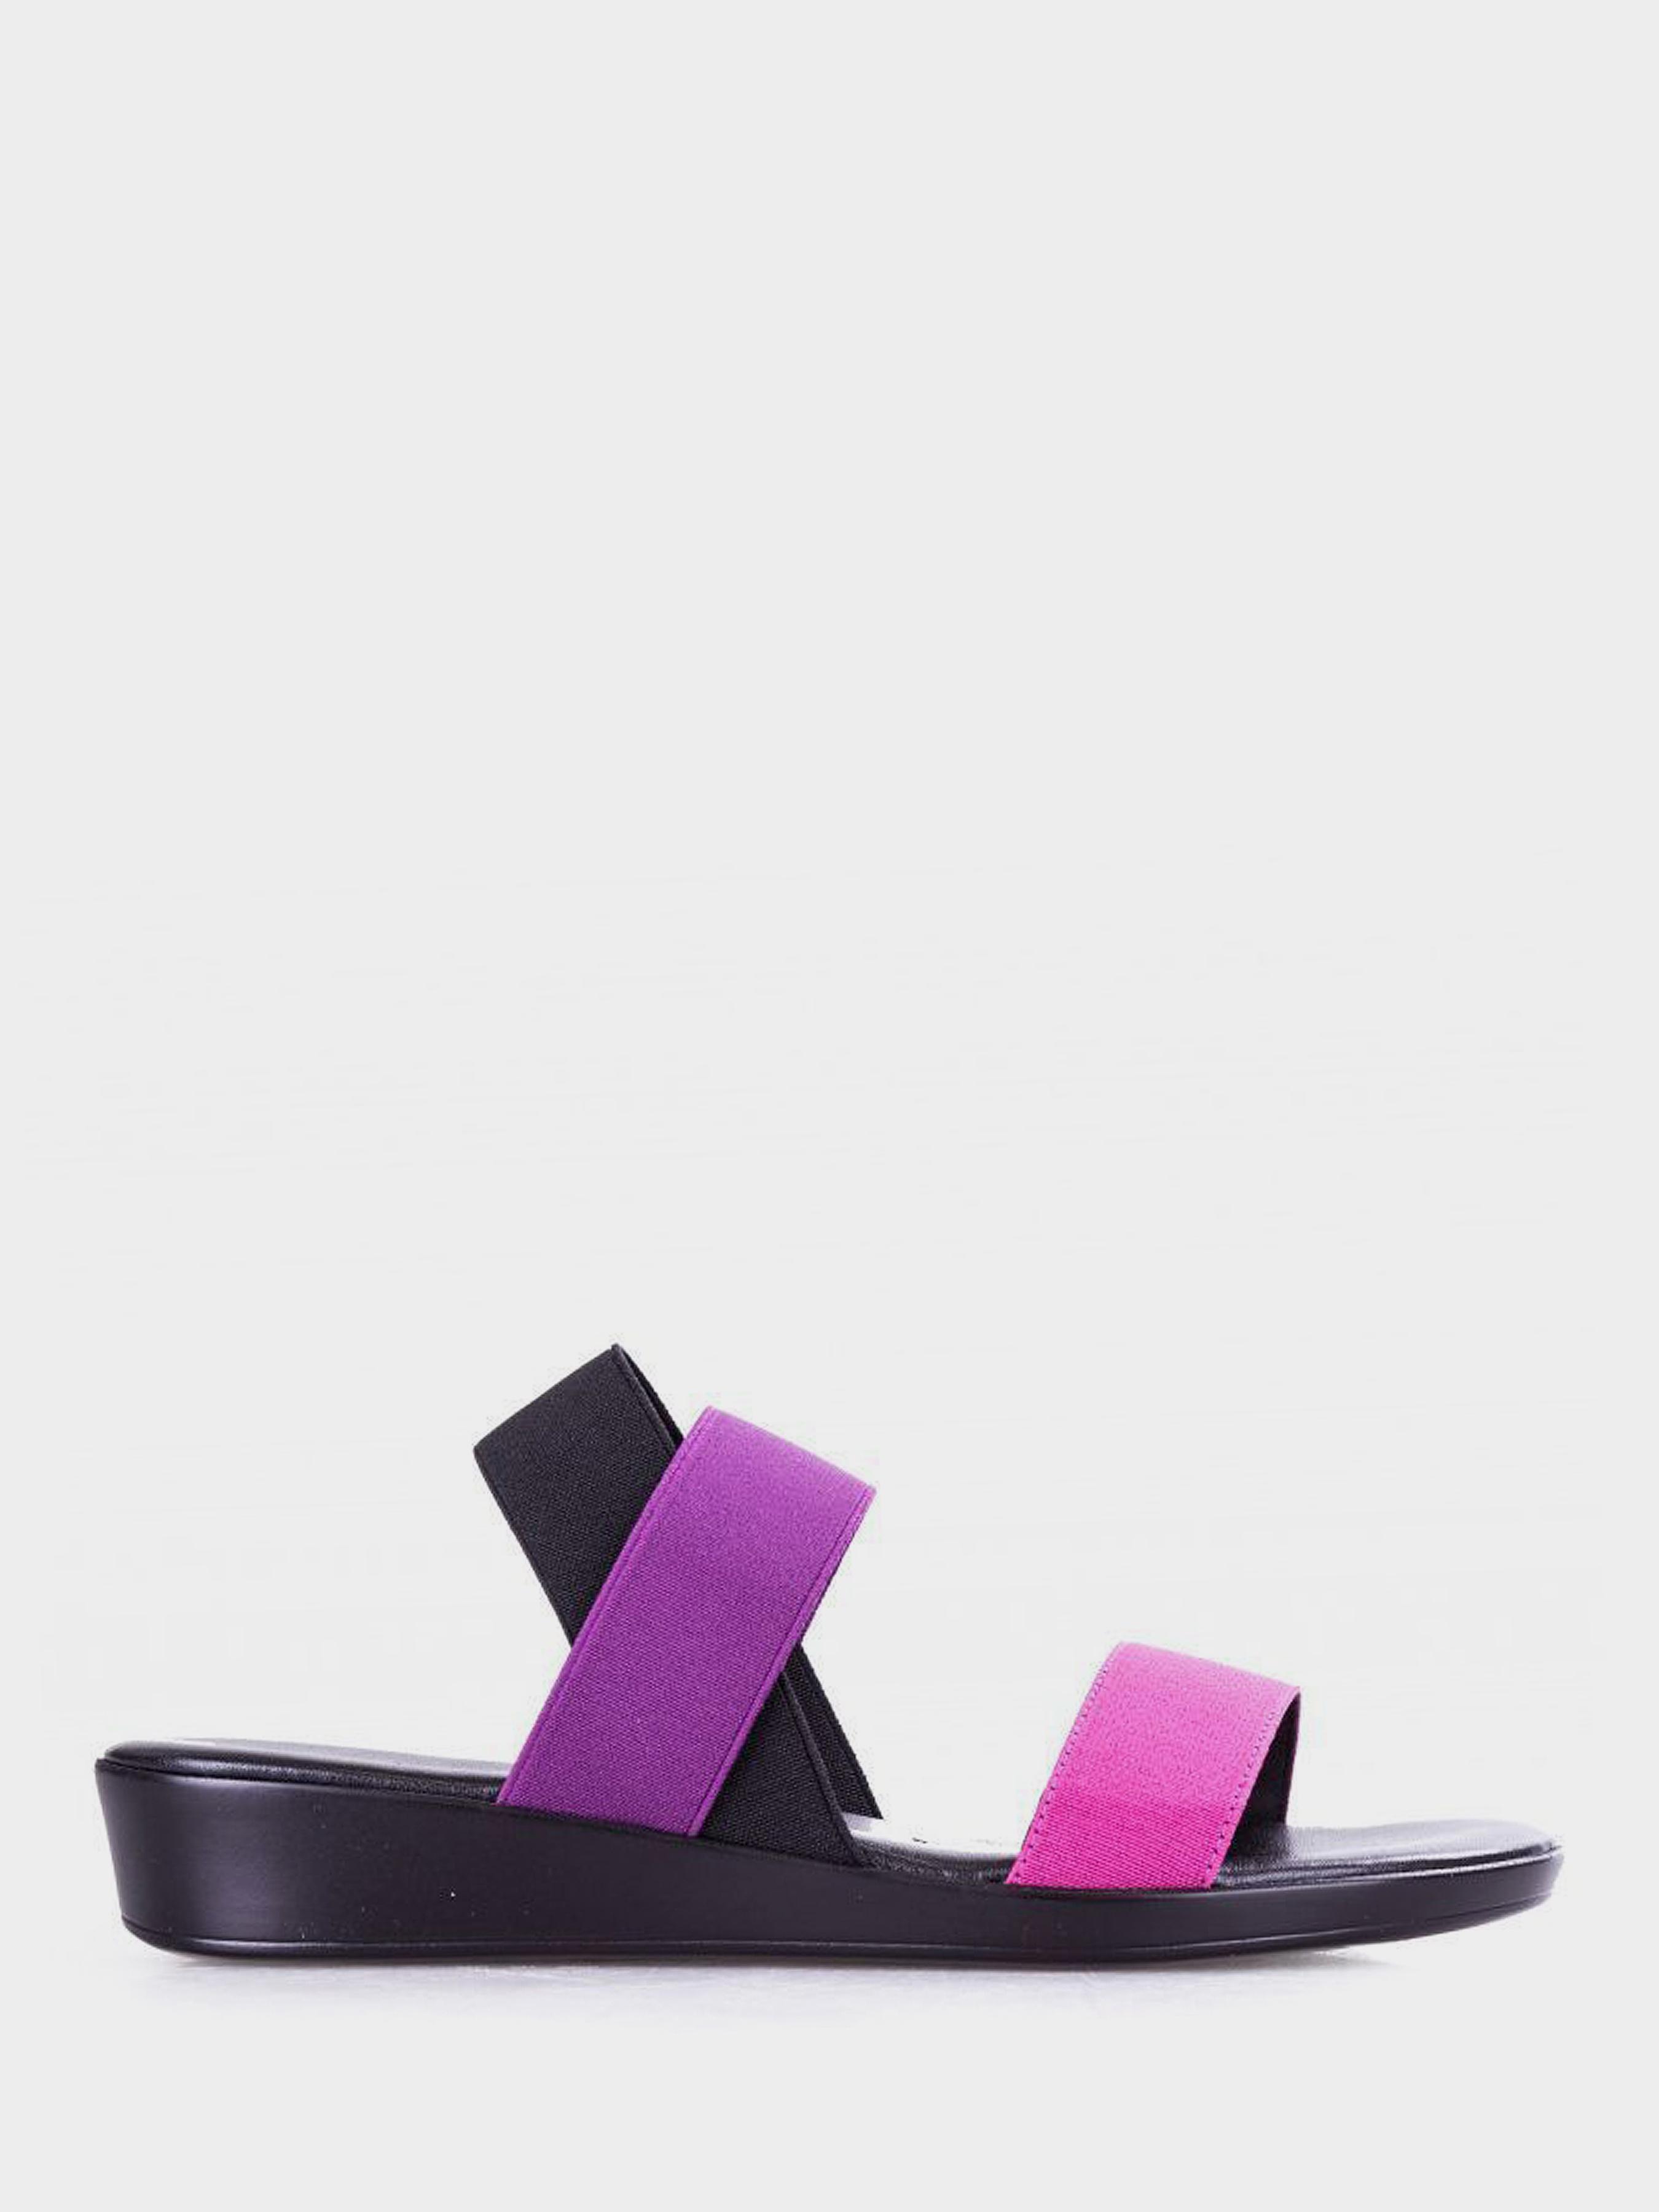 Сандалии женские NR RAPISARDI 5G8 размерная сетка обуви, 2017